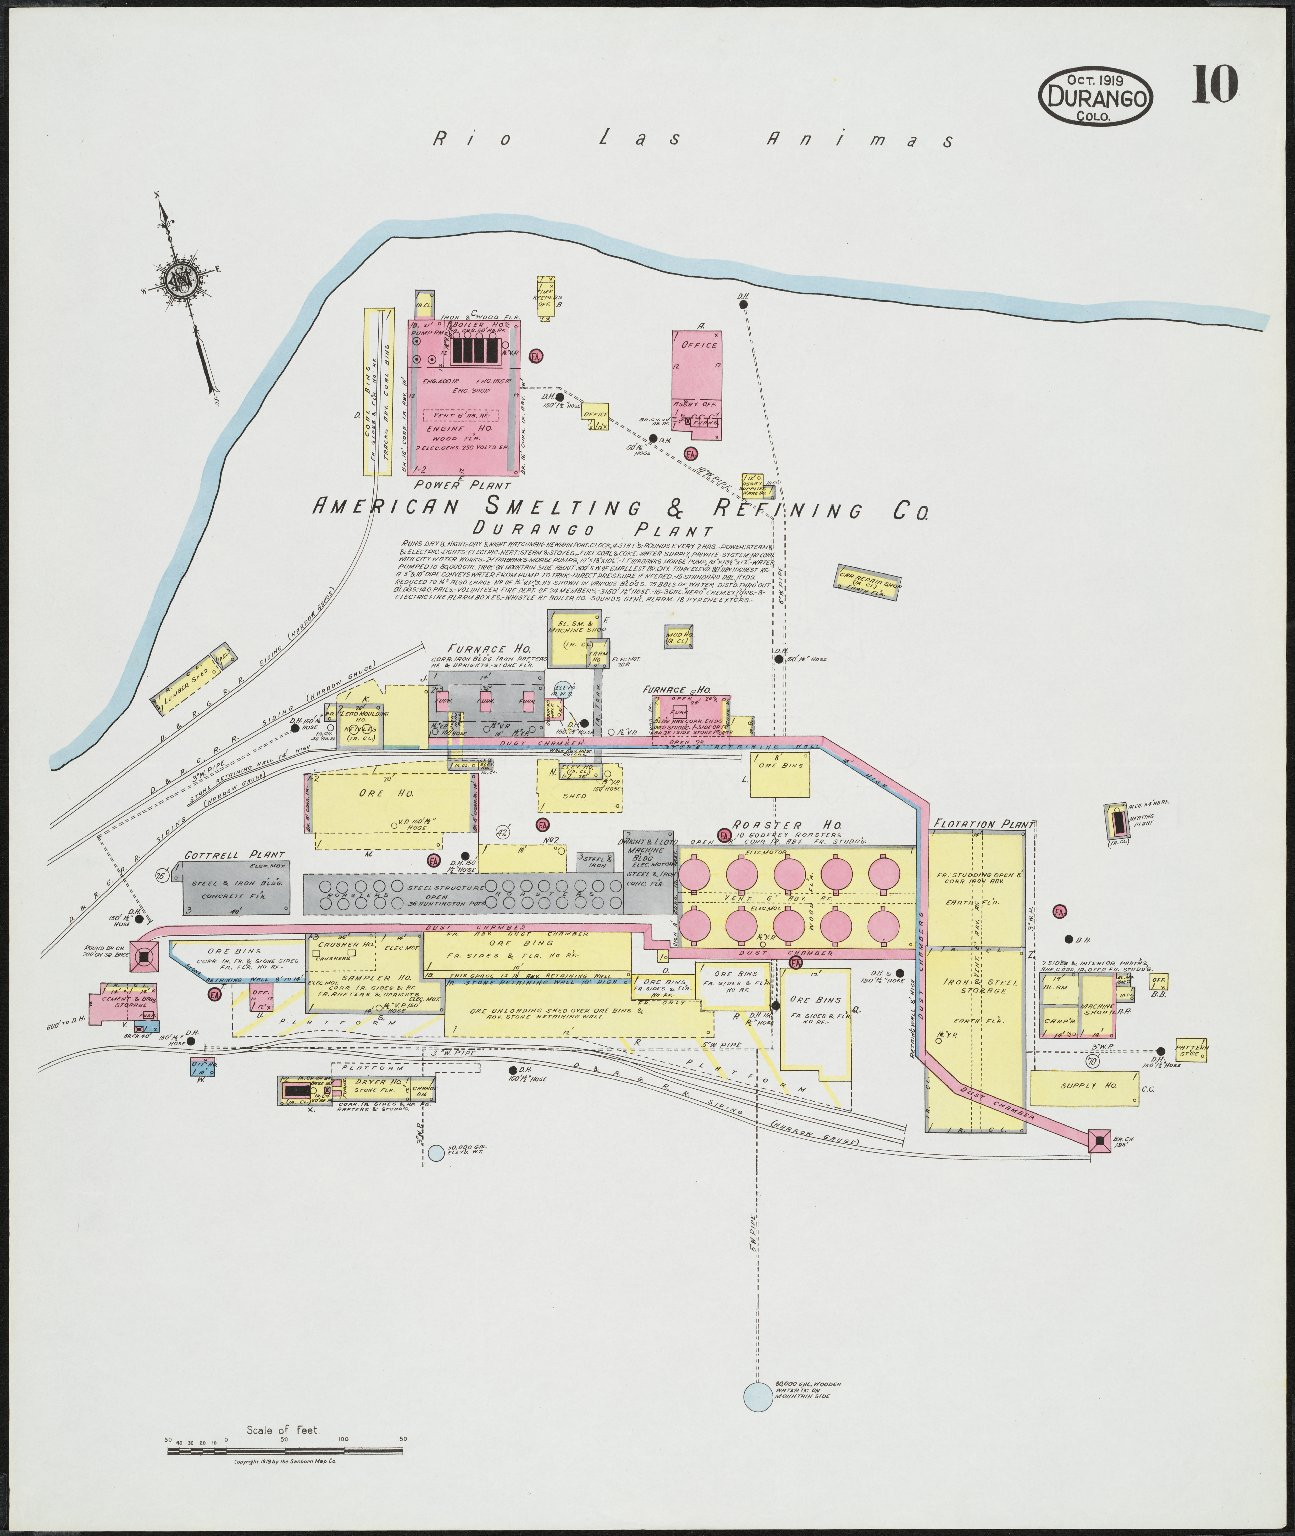 Durango, La [Platta i.e. Plata] Co., Colorado